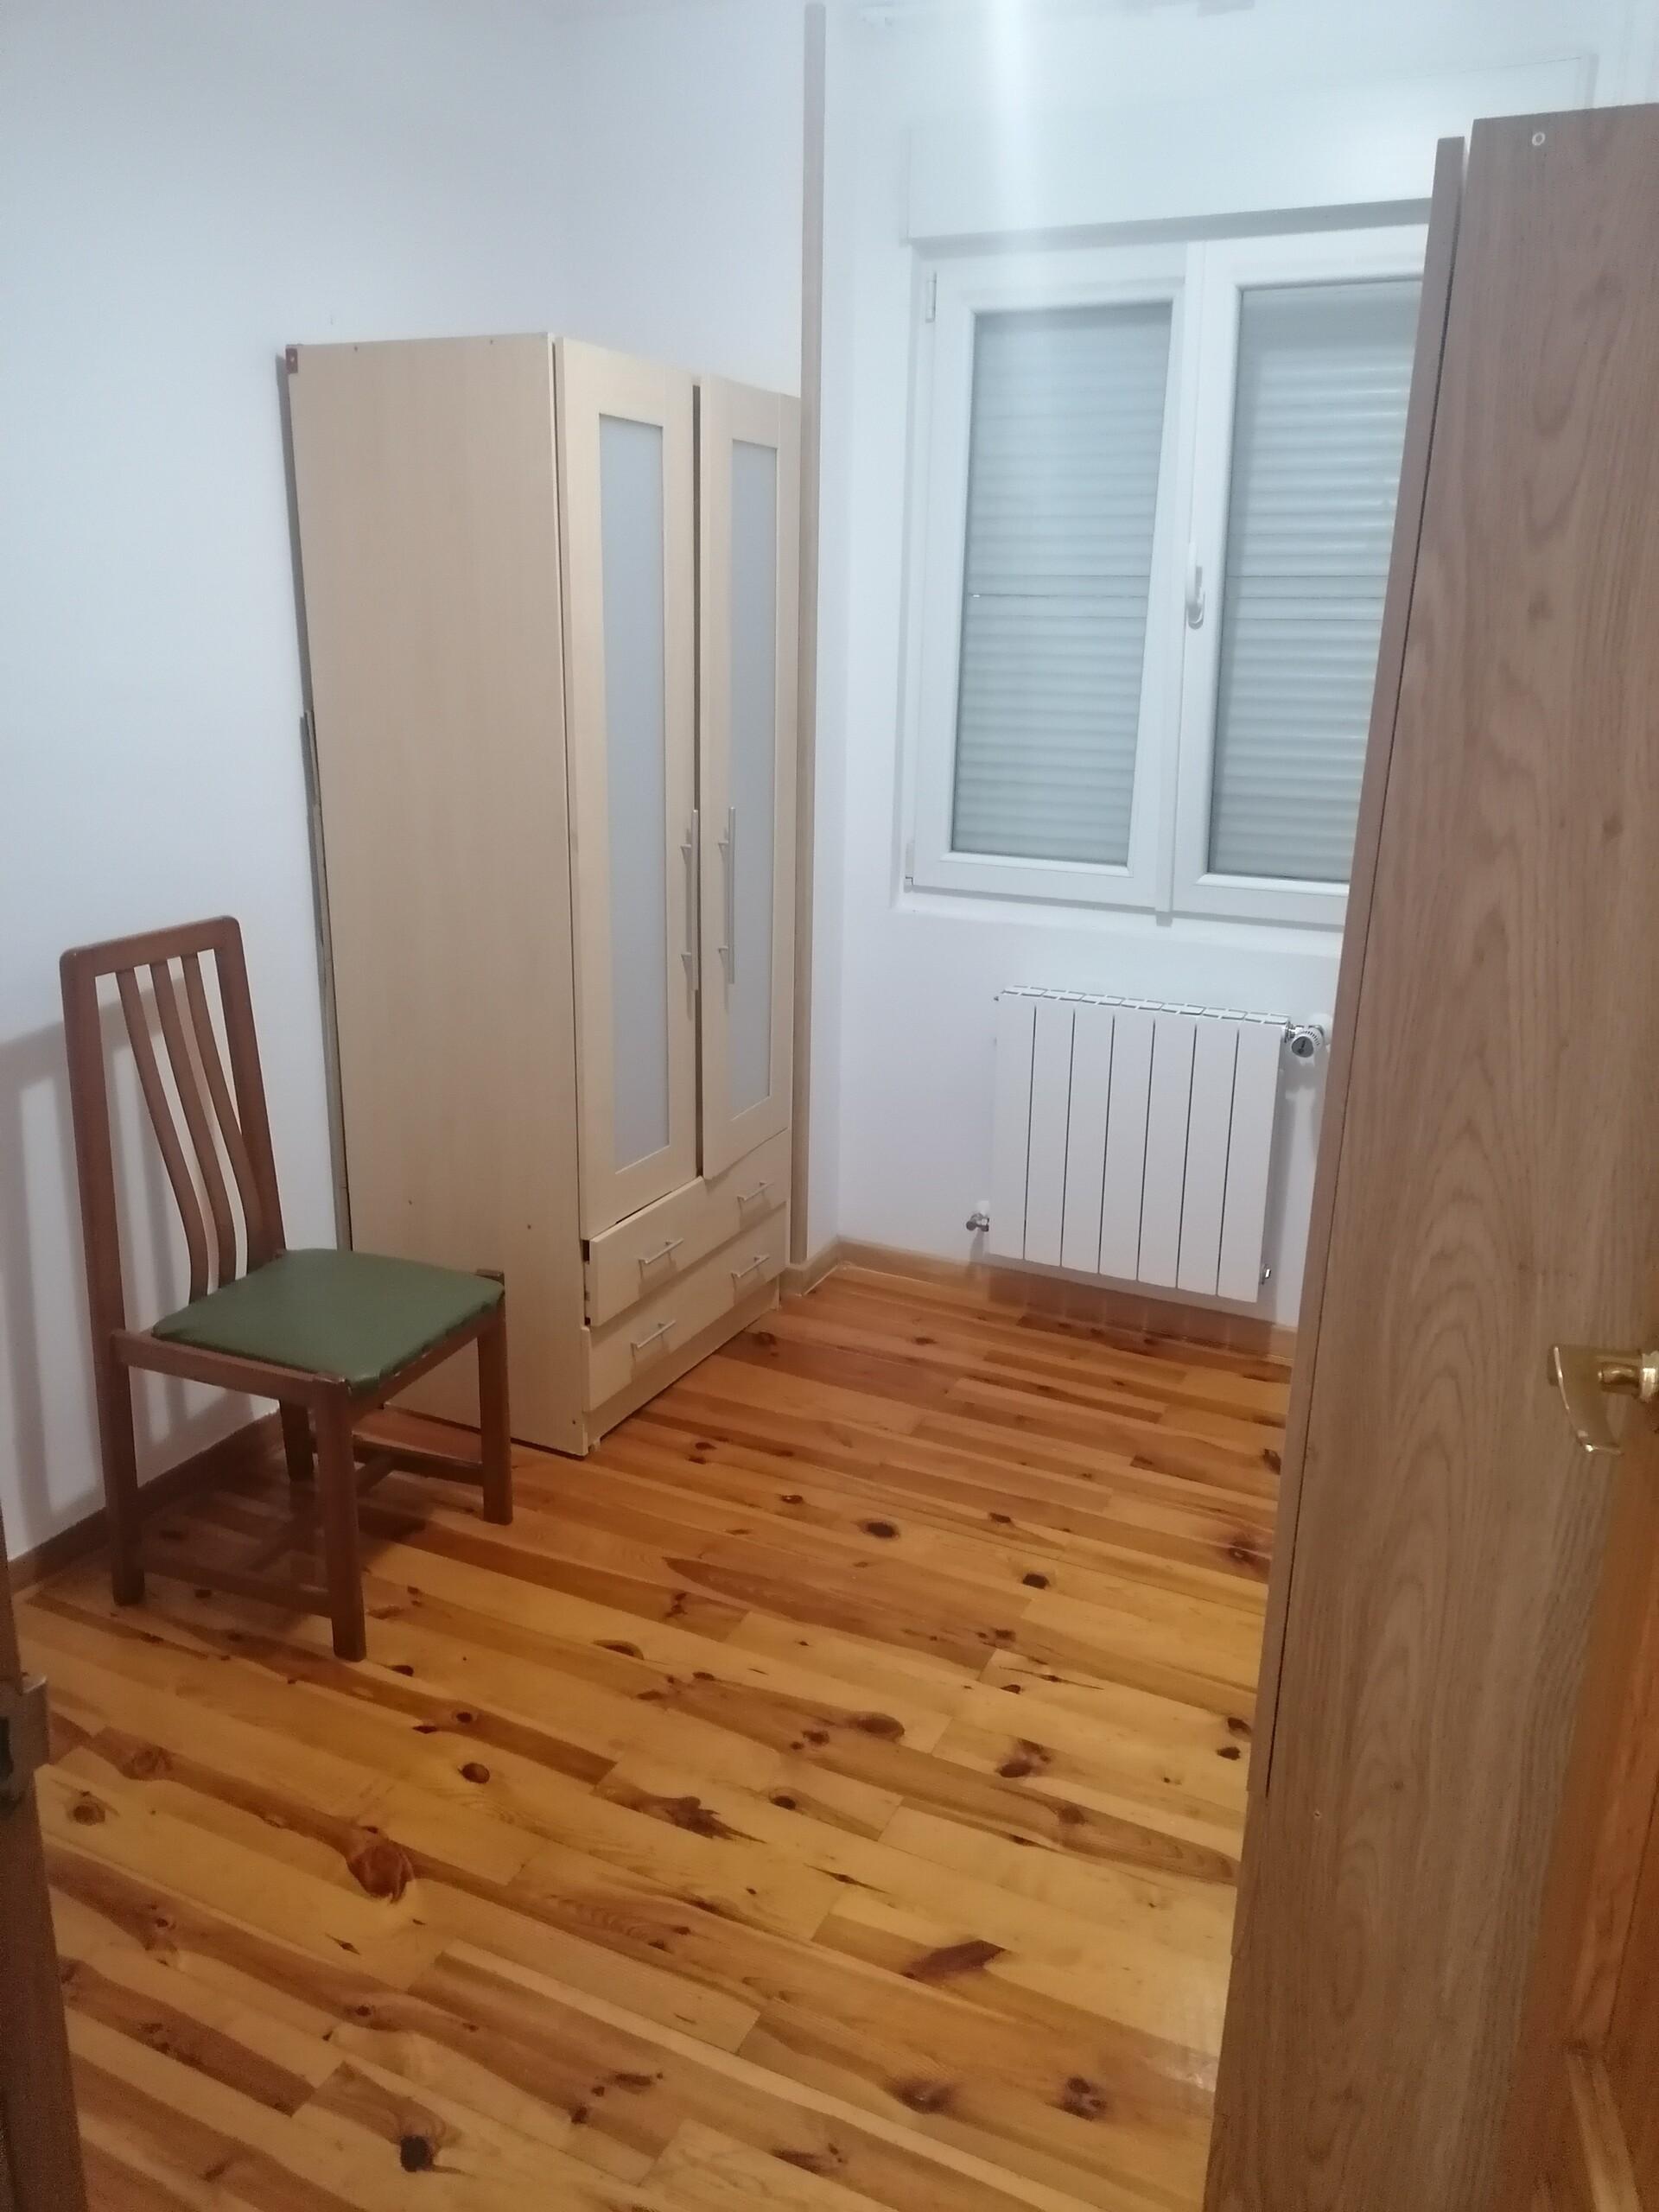 REFORMANDOSE - Coqueto piso en alameda principal